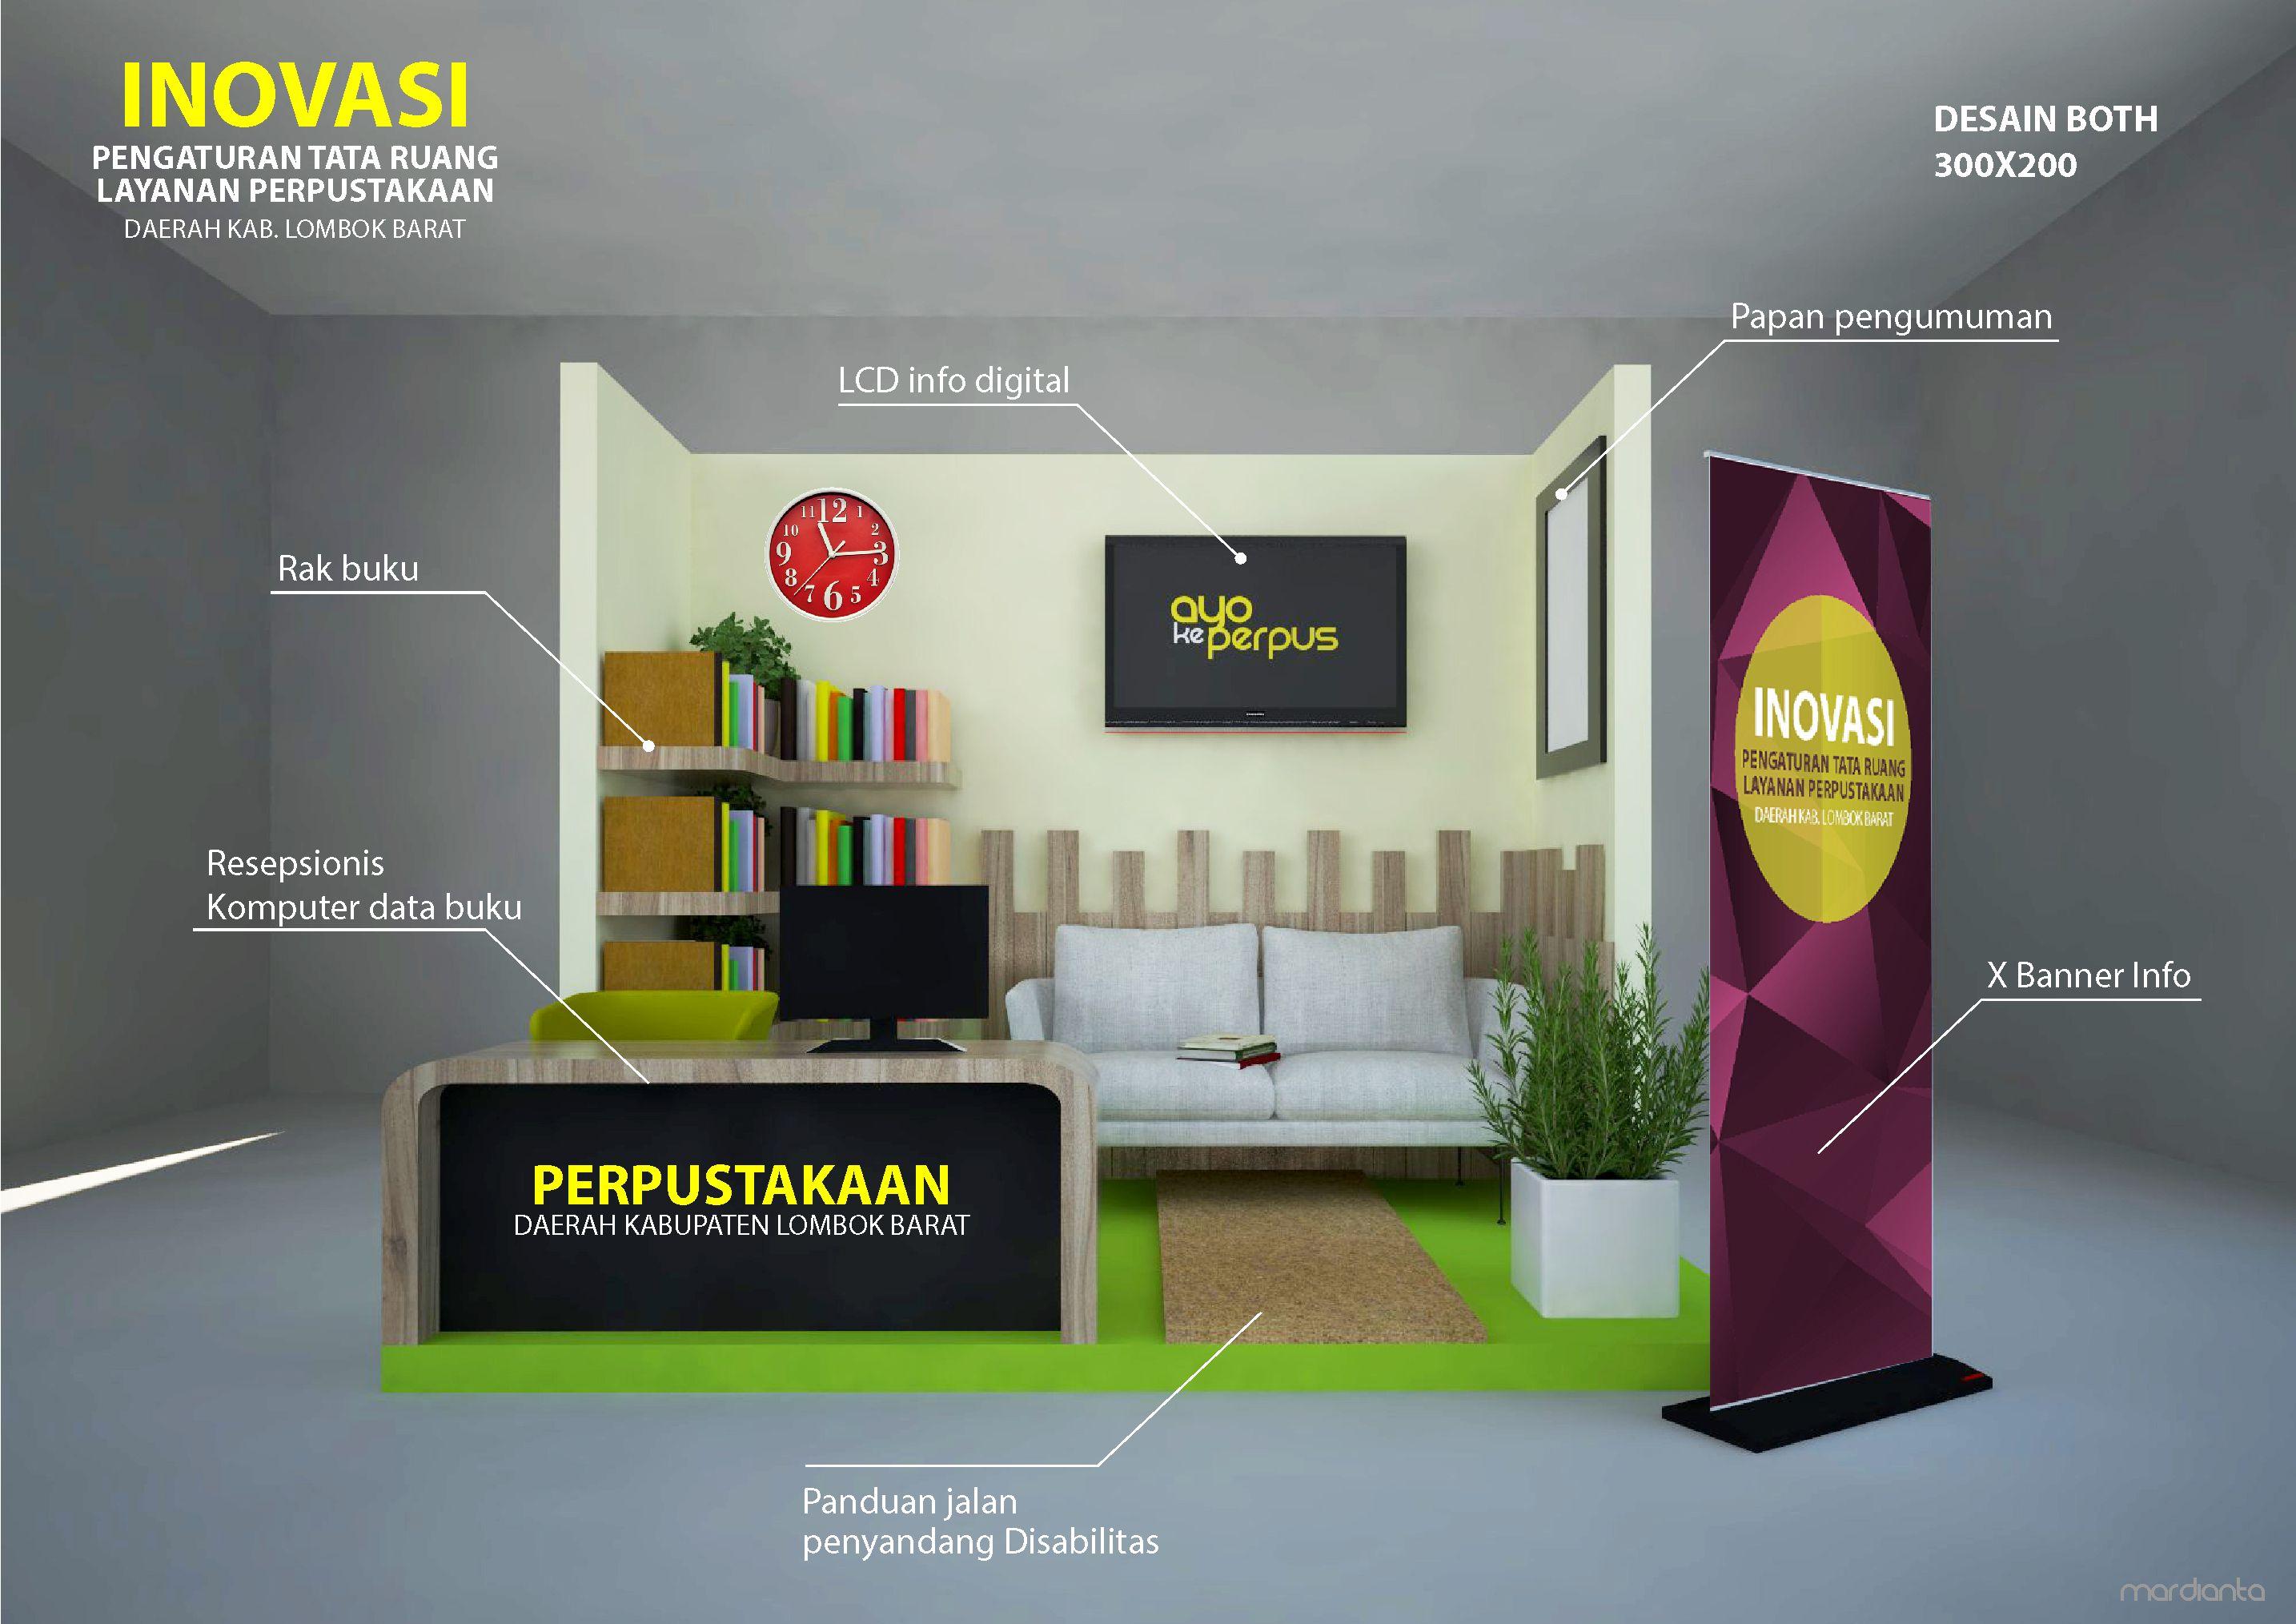 Desain Both Pameran Perpustakaan Kab. Lombok Barat ...